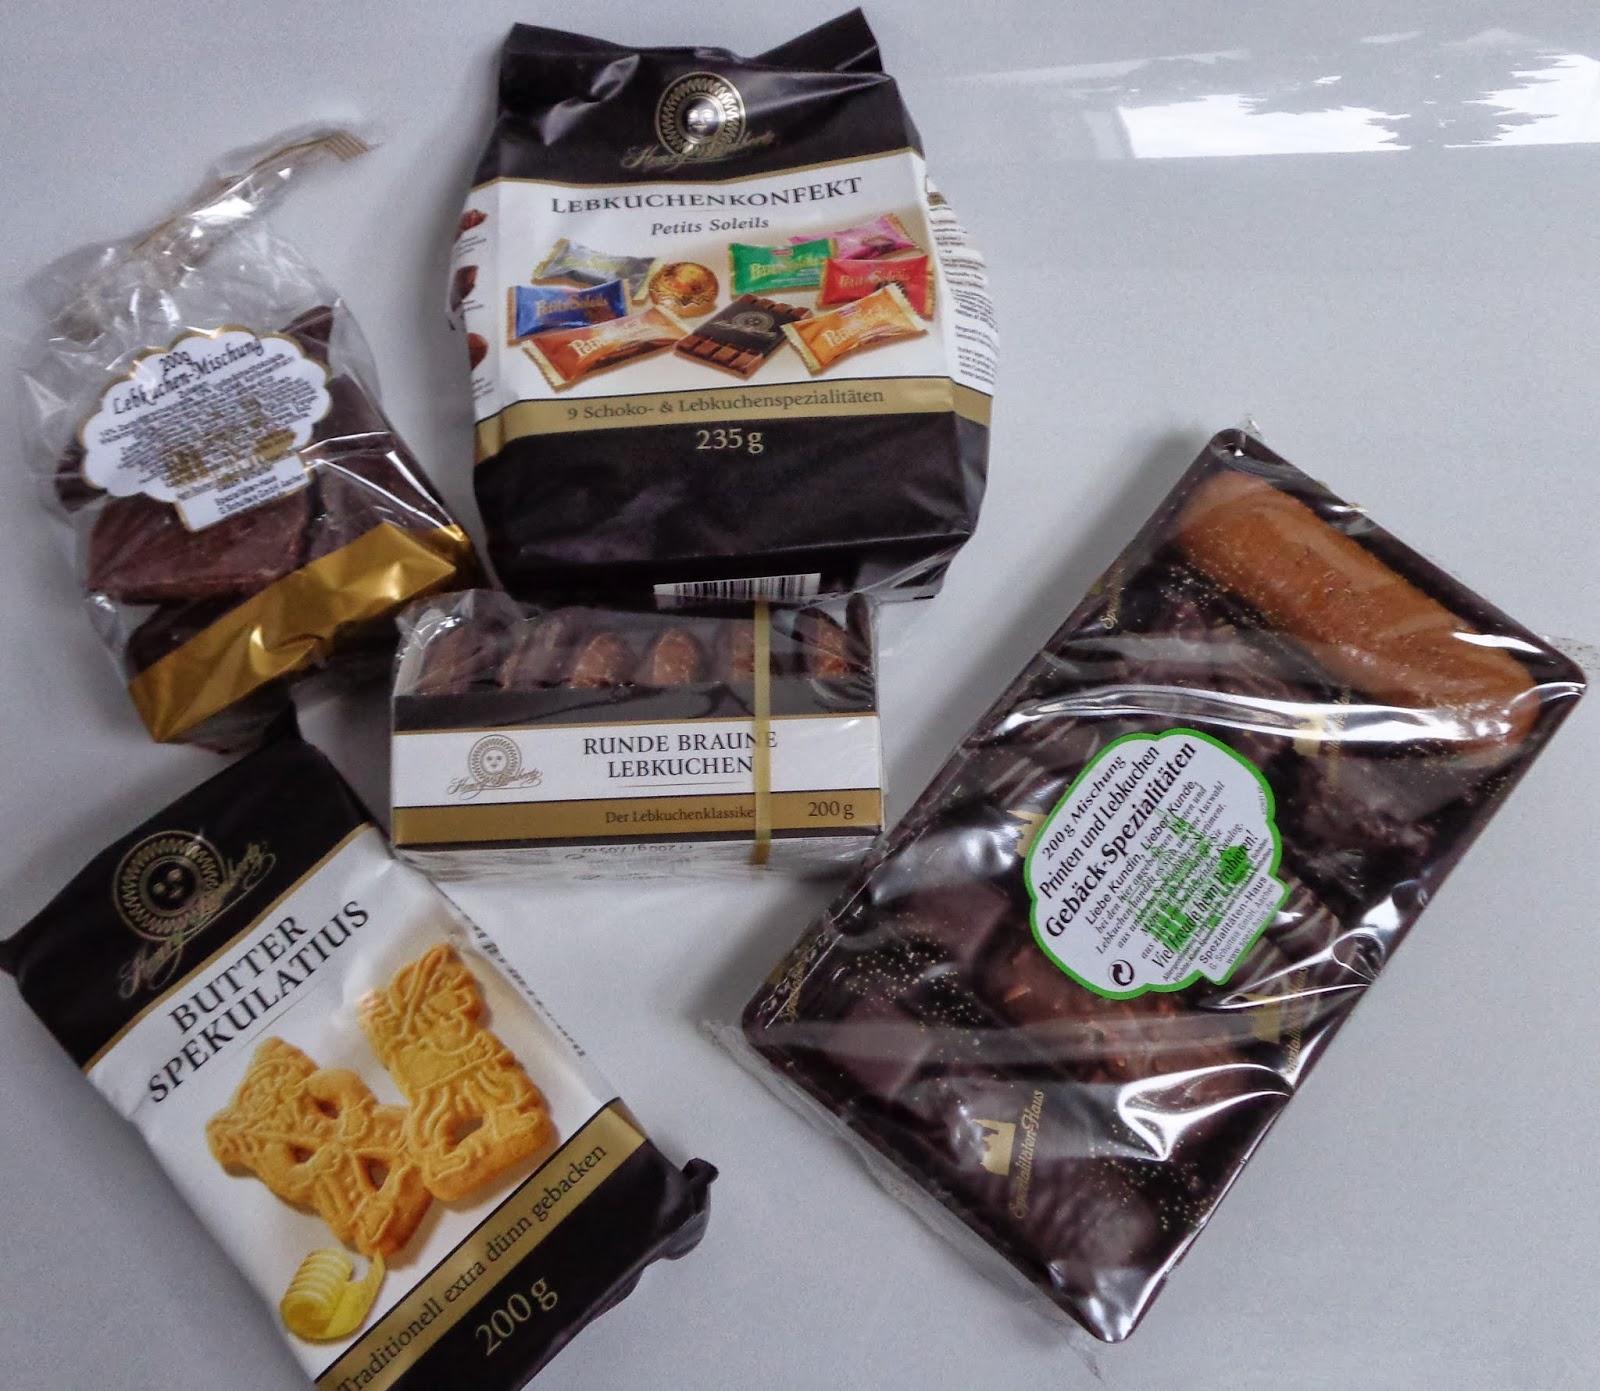 runde braune Lebkuchen; Schokolade; Lebkuchenkonfekt; Butter-Spekulatius